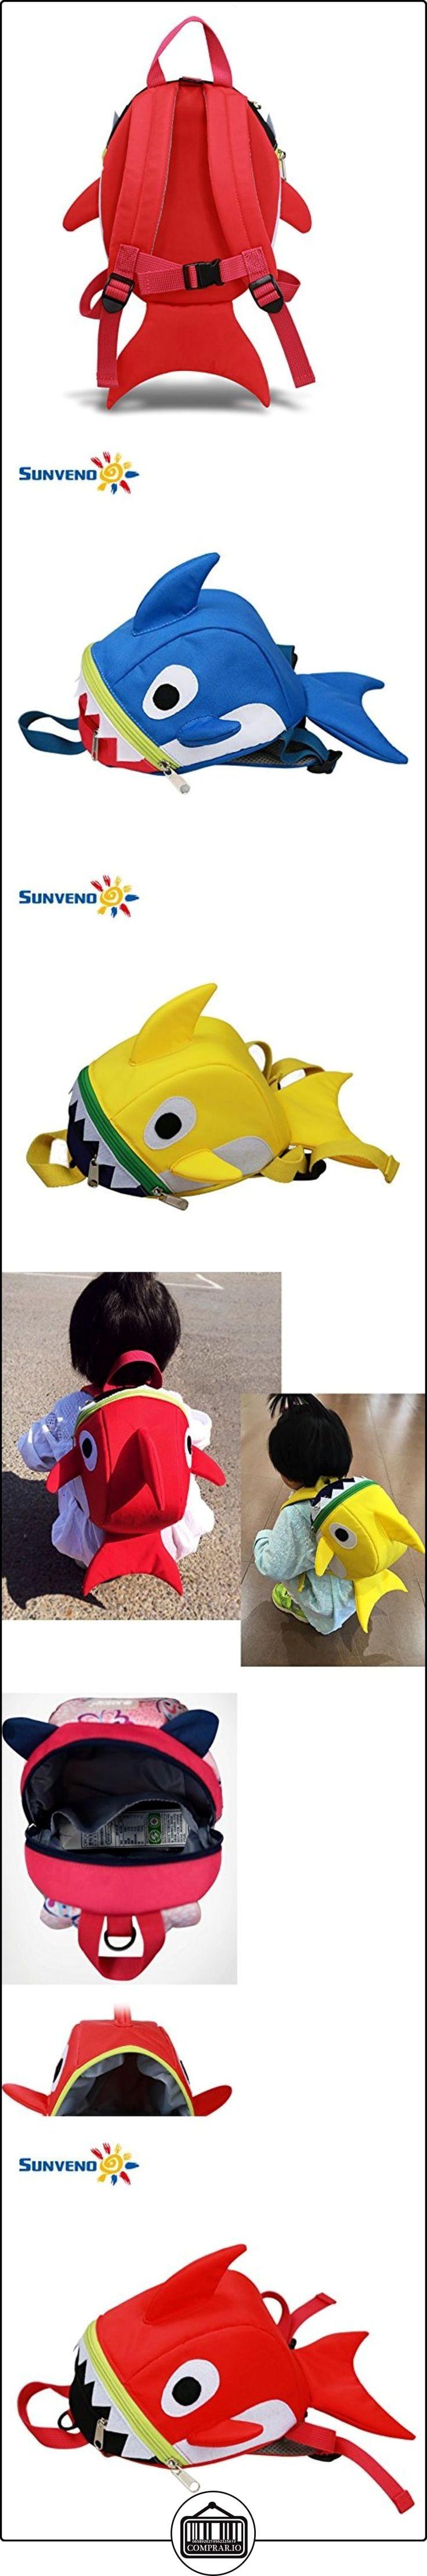 sunveno para bebé arnés de seguridad anti-lost mochila correa Walker Backbag con niños tiburón tipo mochila rojo rosso  ✿ Seguridad para tu bebé - (Protege a tus hijos) ✿ ▬► Ver oferta: http://comprar.io/goto/B01NCLKR23